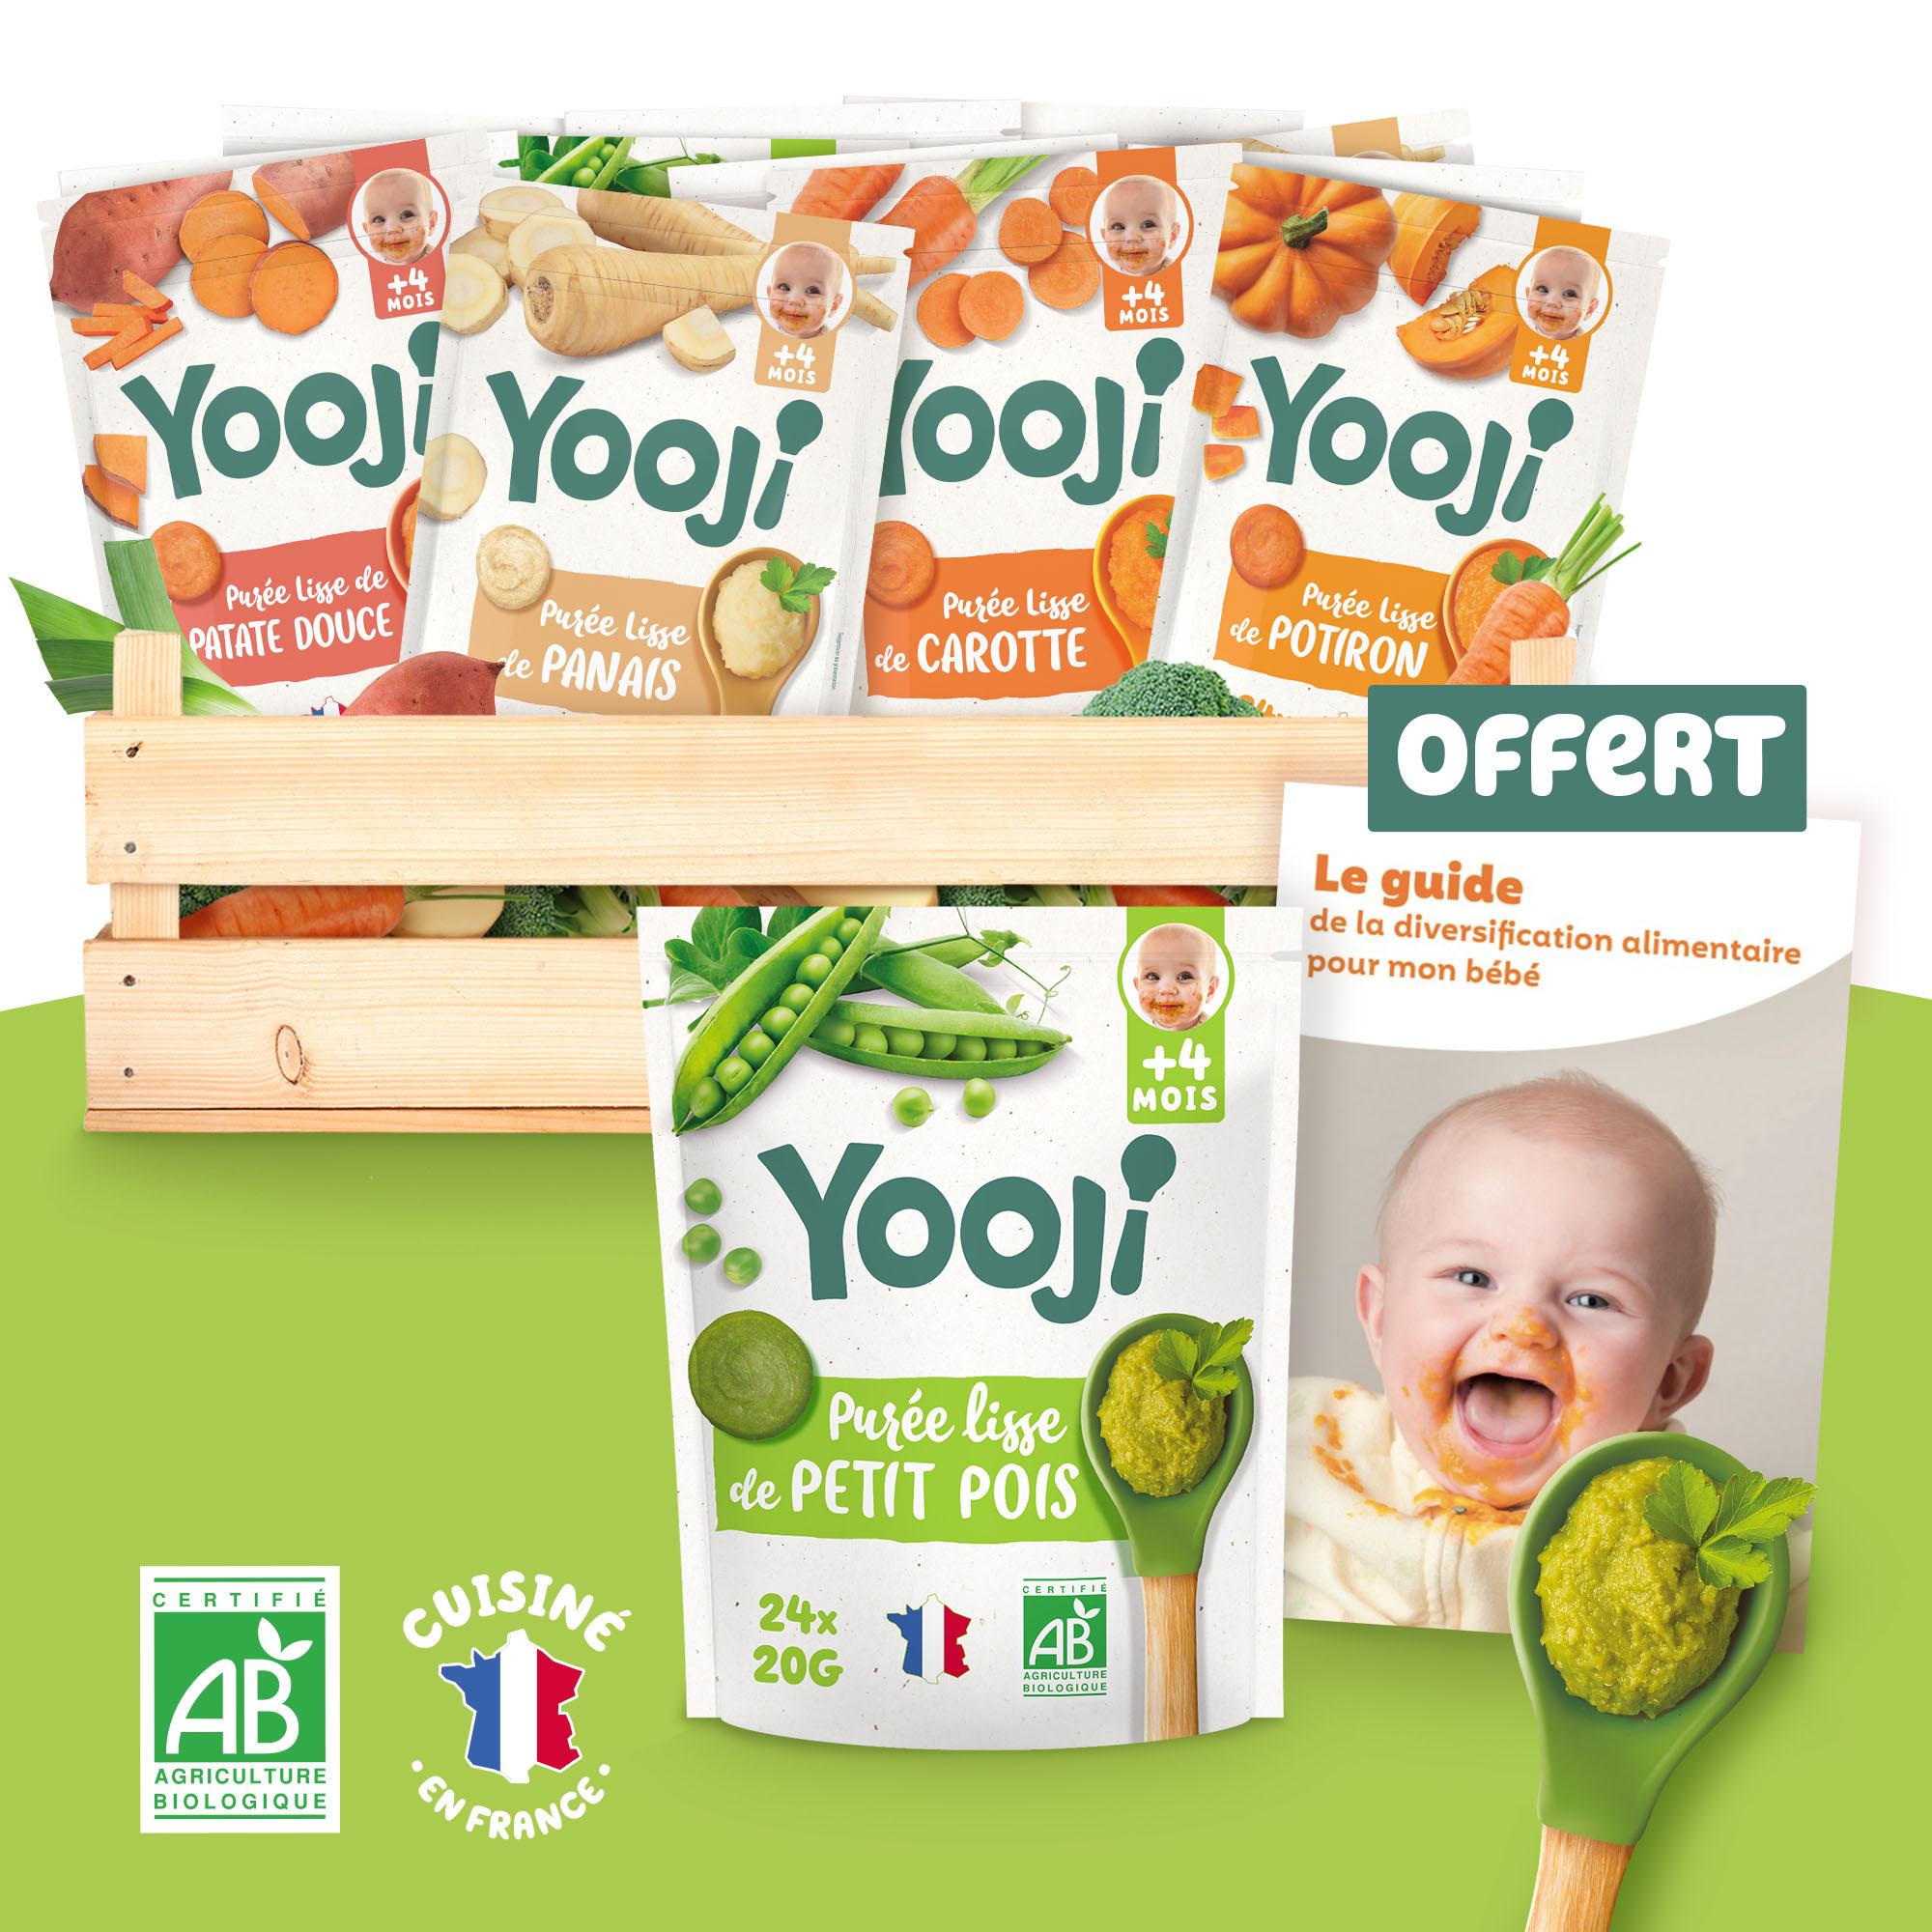 Yooji - Panier spécial diversification alimentaire - purées bébé 4 mois